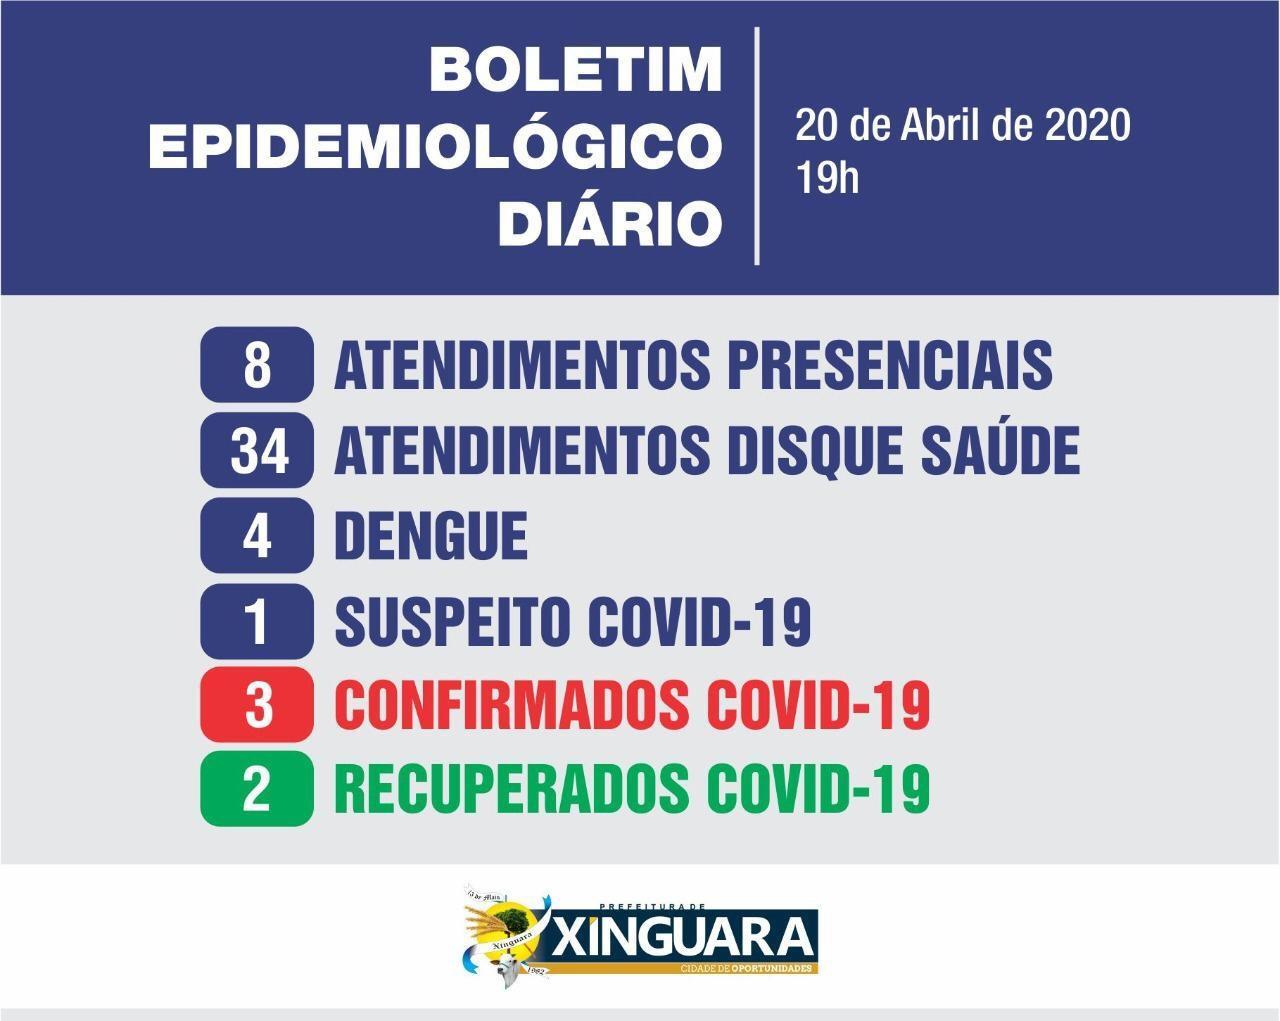 Foto de PANDEMIA COVID-19: Informativo da Secretaria de Saúde de Xinguara aponta mais um caso suspeito para Coronavírus